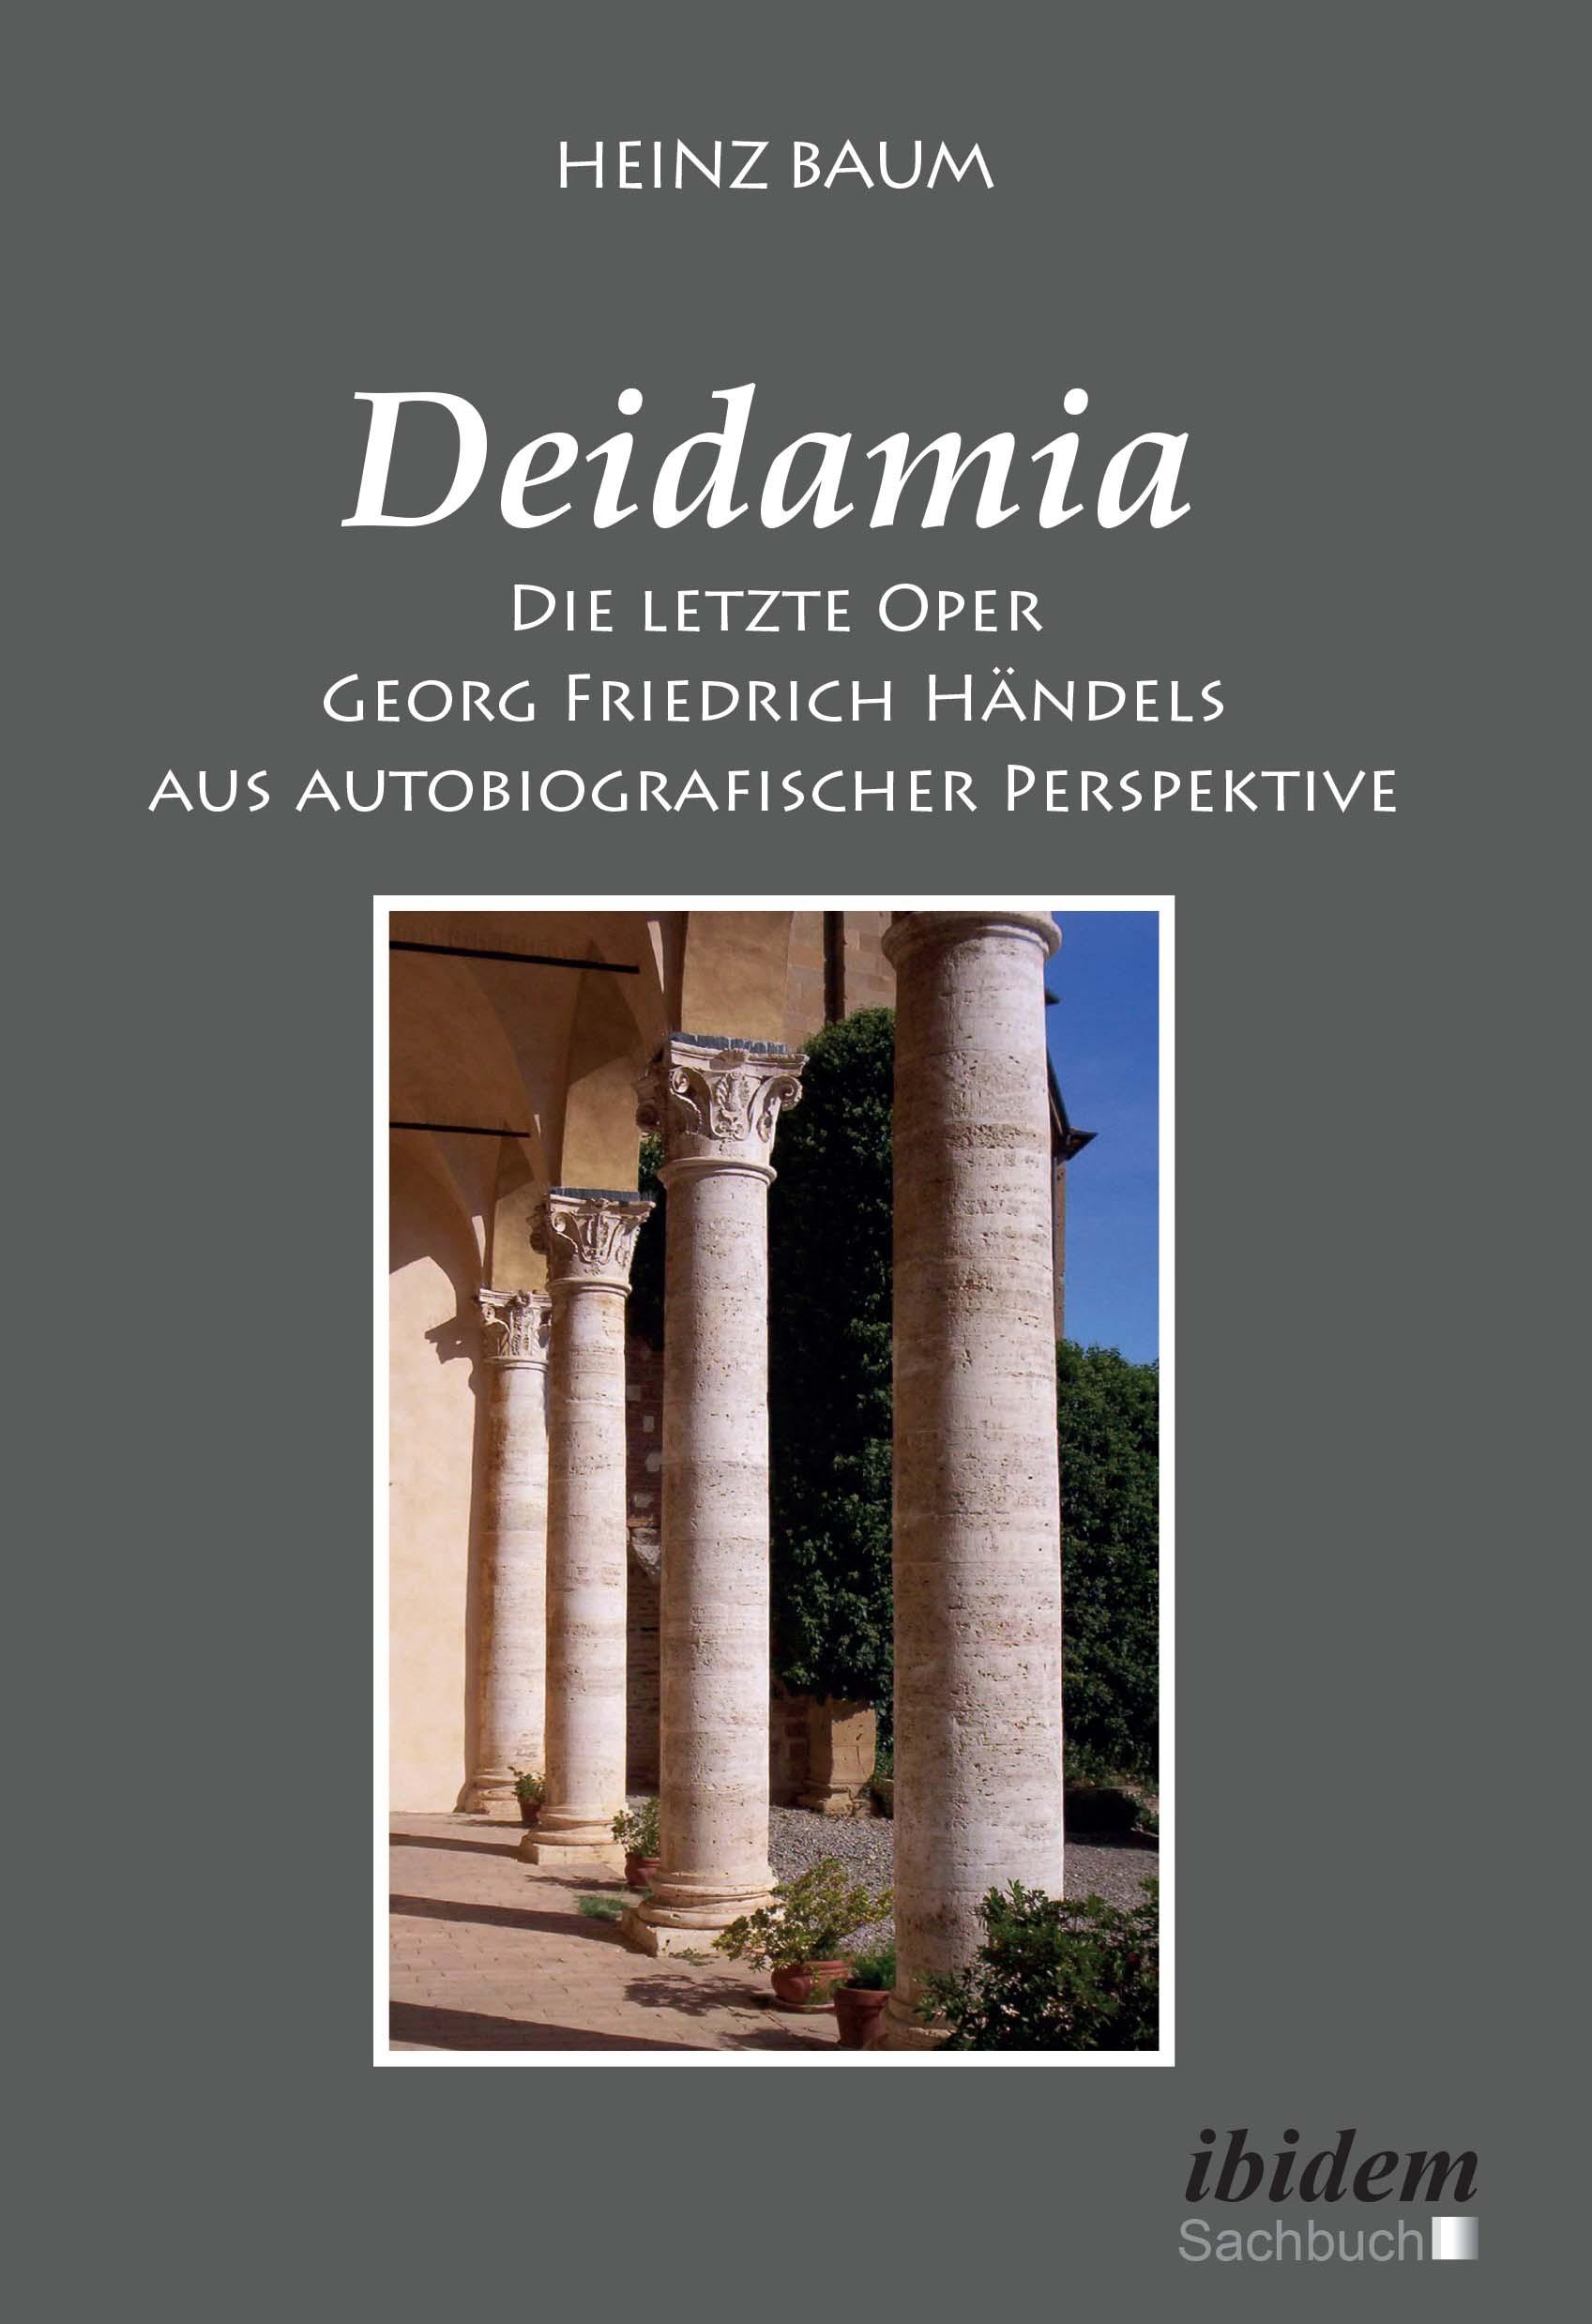 Deidamia: Die letzte Oper Georg Friedrich Händels aus autobiografischer Perspektive